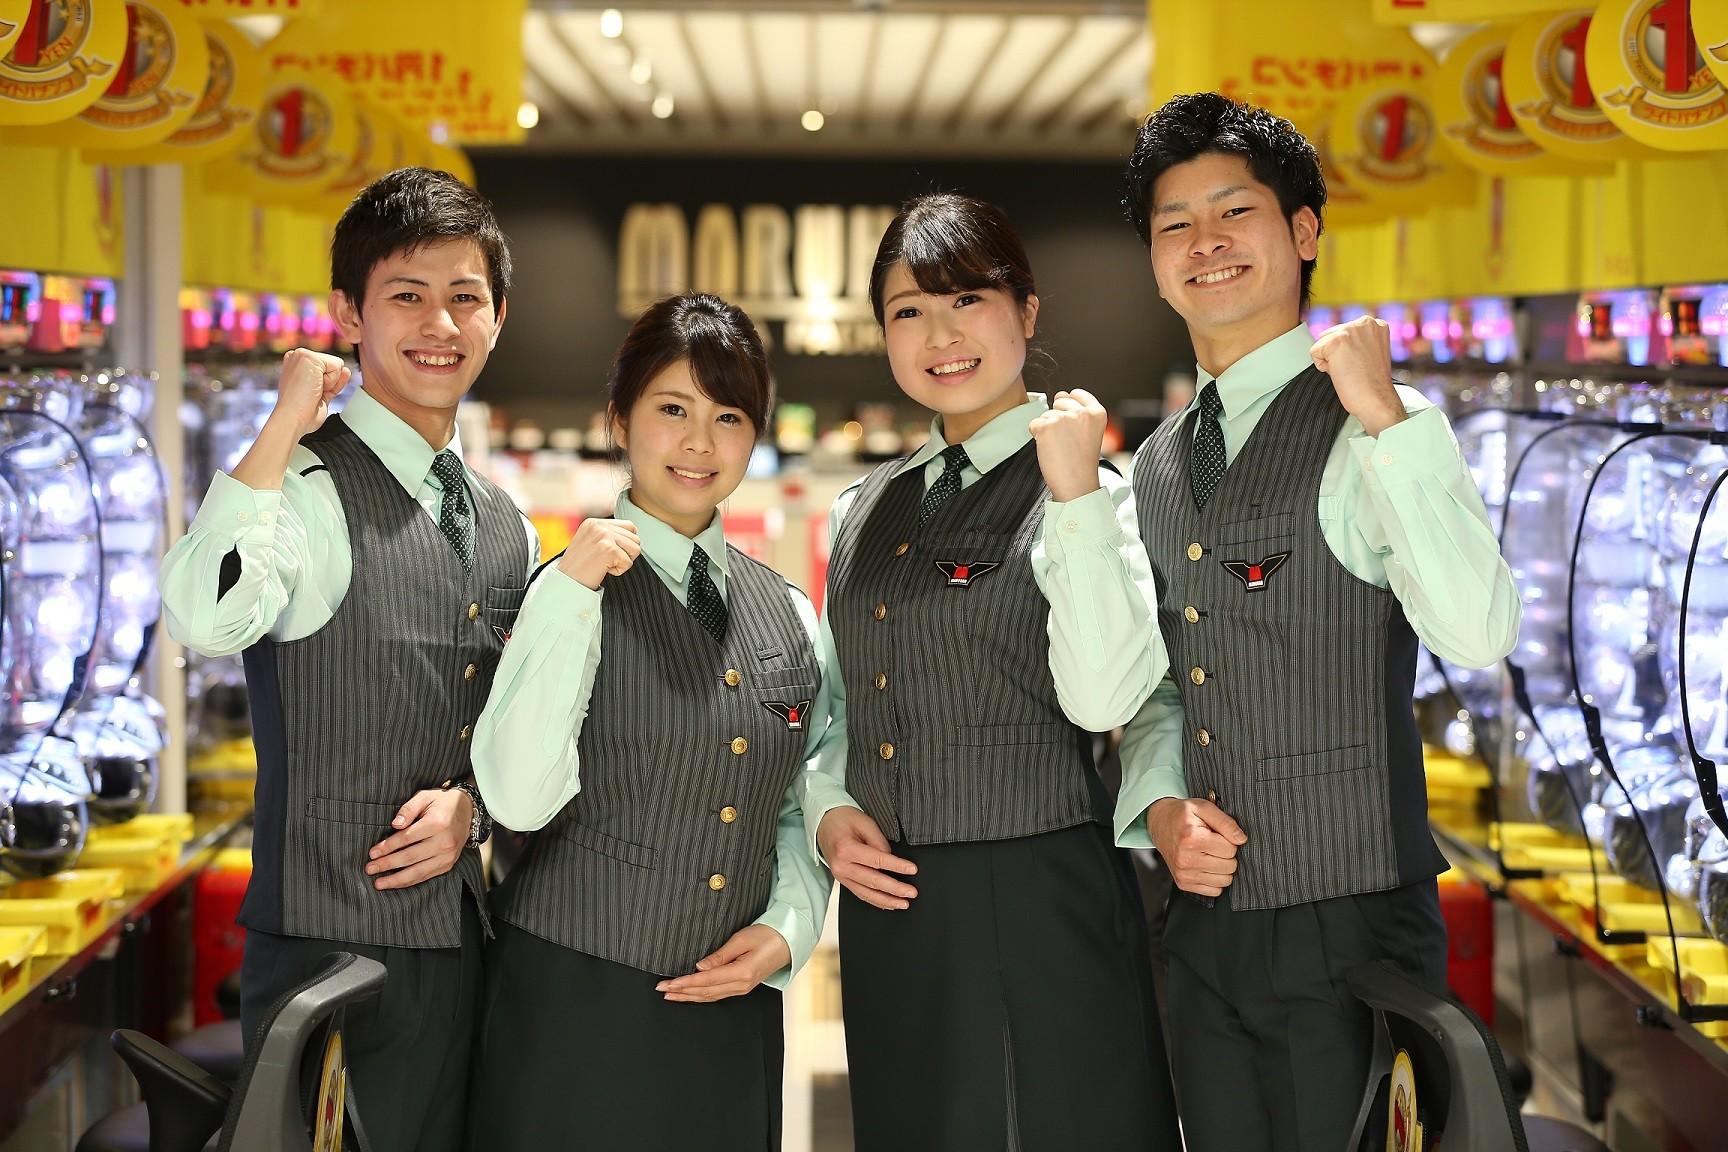 マルハン 東浦店[2203] のアルバイト情報